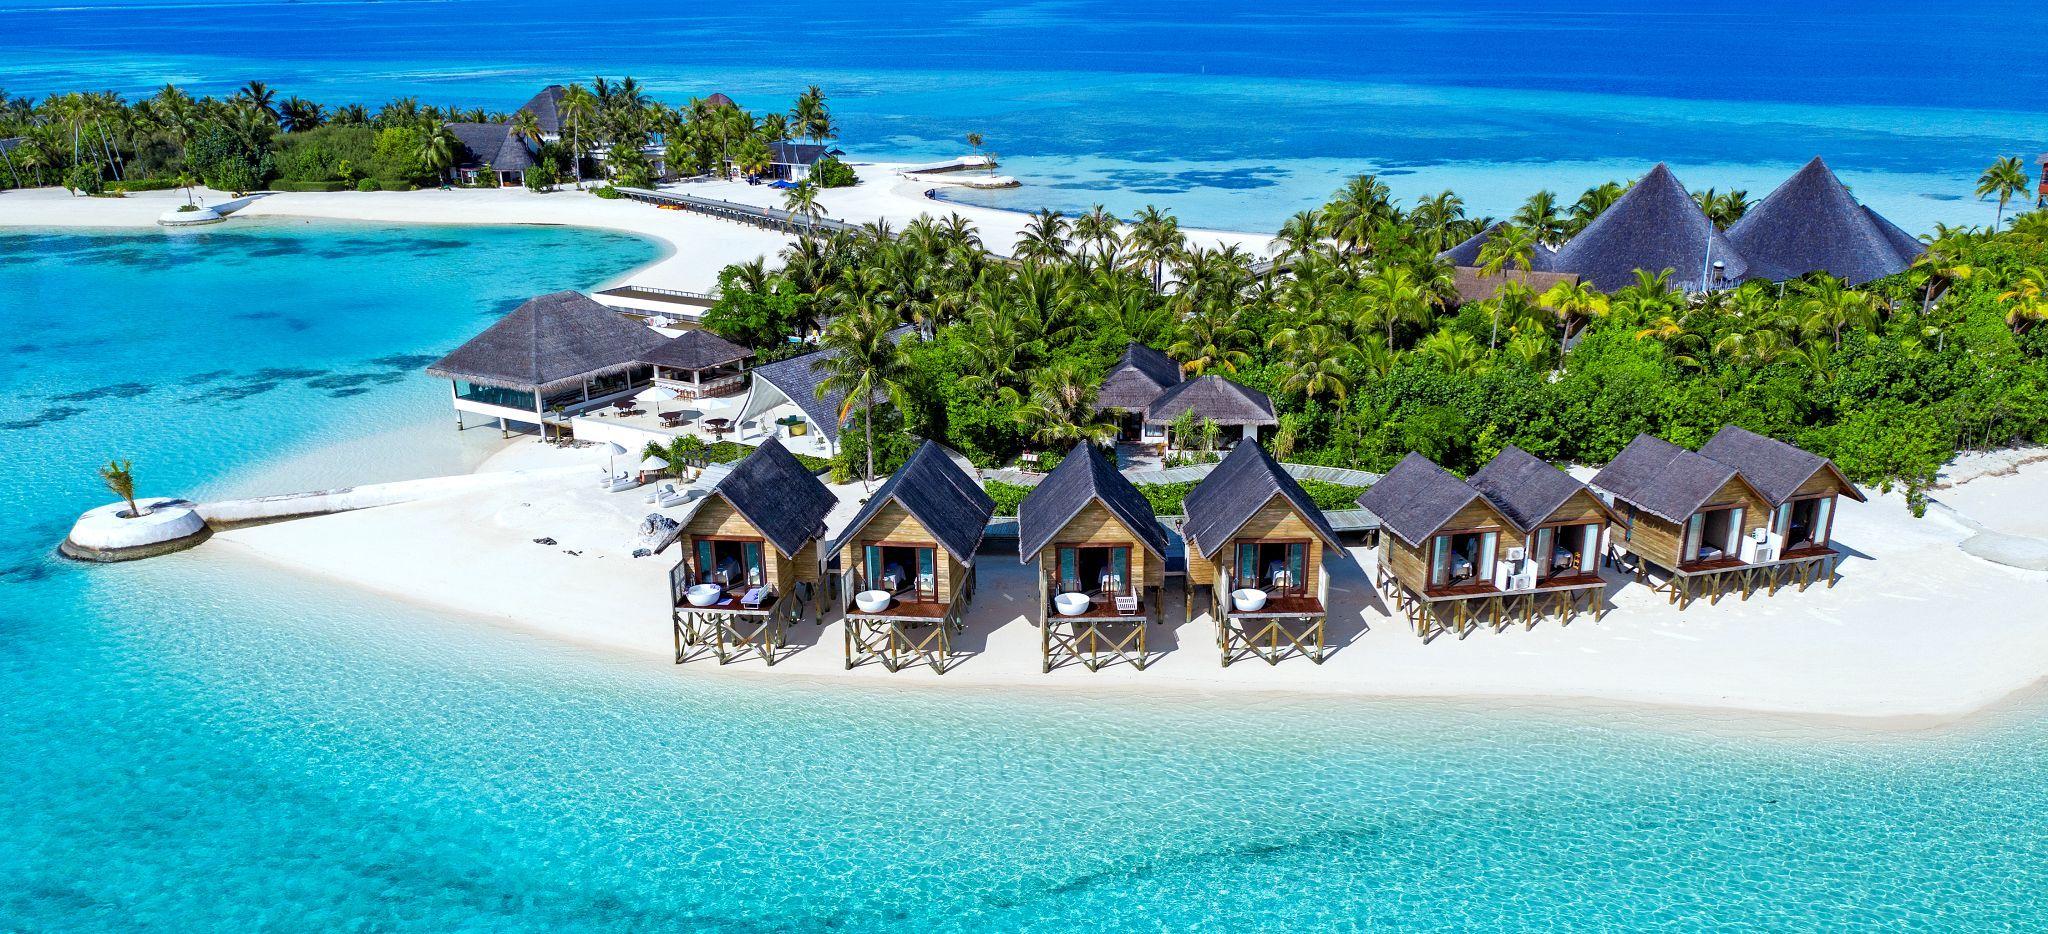 Die Insel Madhoo auf den Malediven, darauf das Hotel OZEN